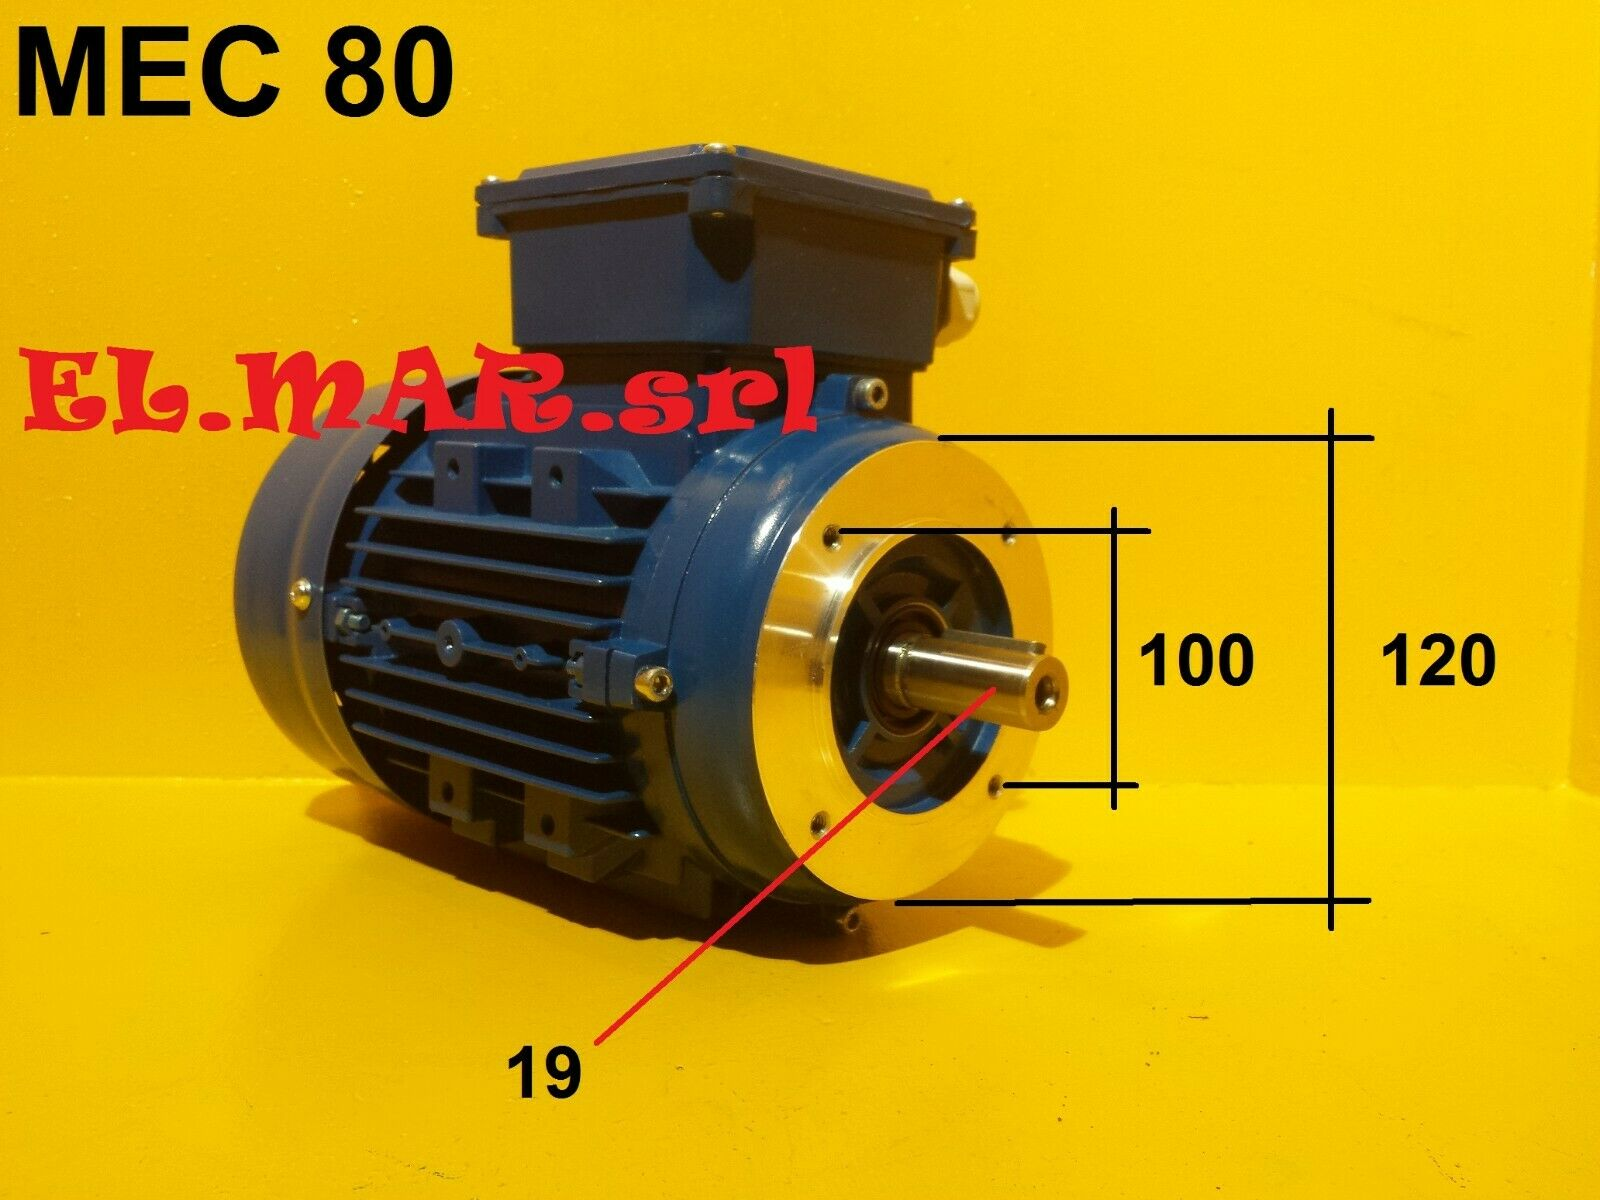 Motore Motore Motore Elettrico Monofase Flangiato B 14 giri 2800 1400 900 rpm poli 2 4 6 230 V | Lavorazione perfetta  | 2019 Nuovo  | Eccellente valore  488f5c